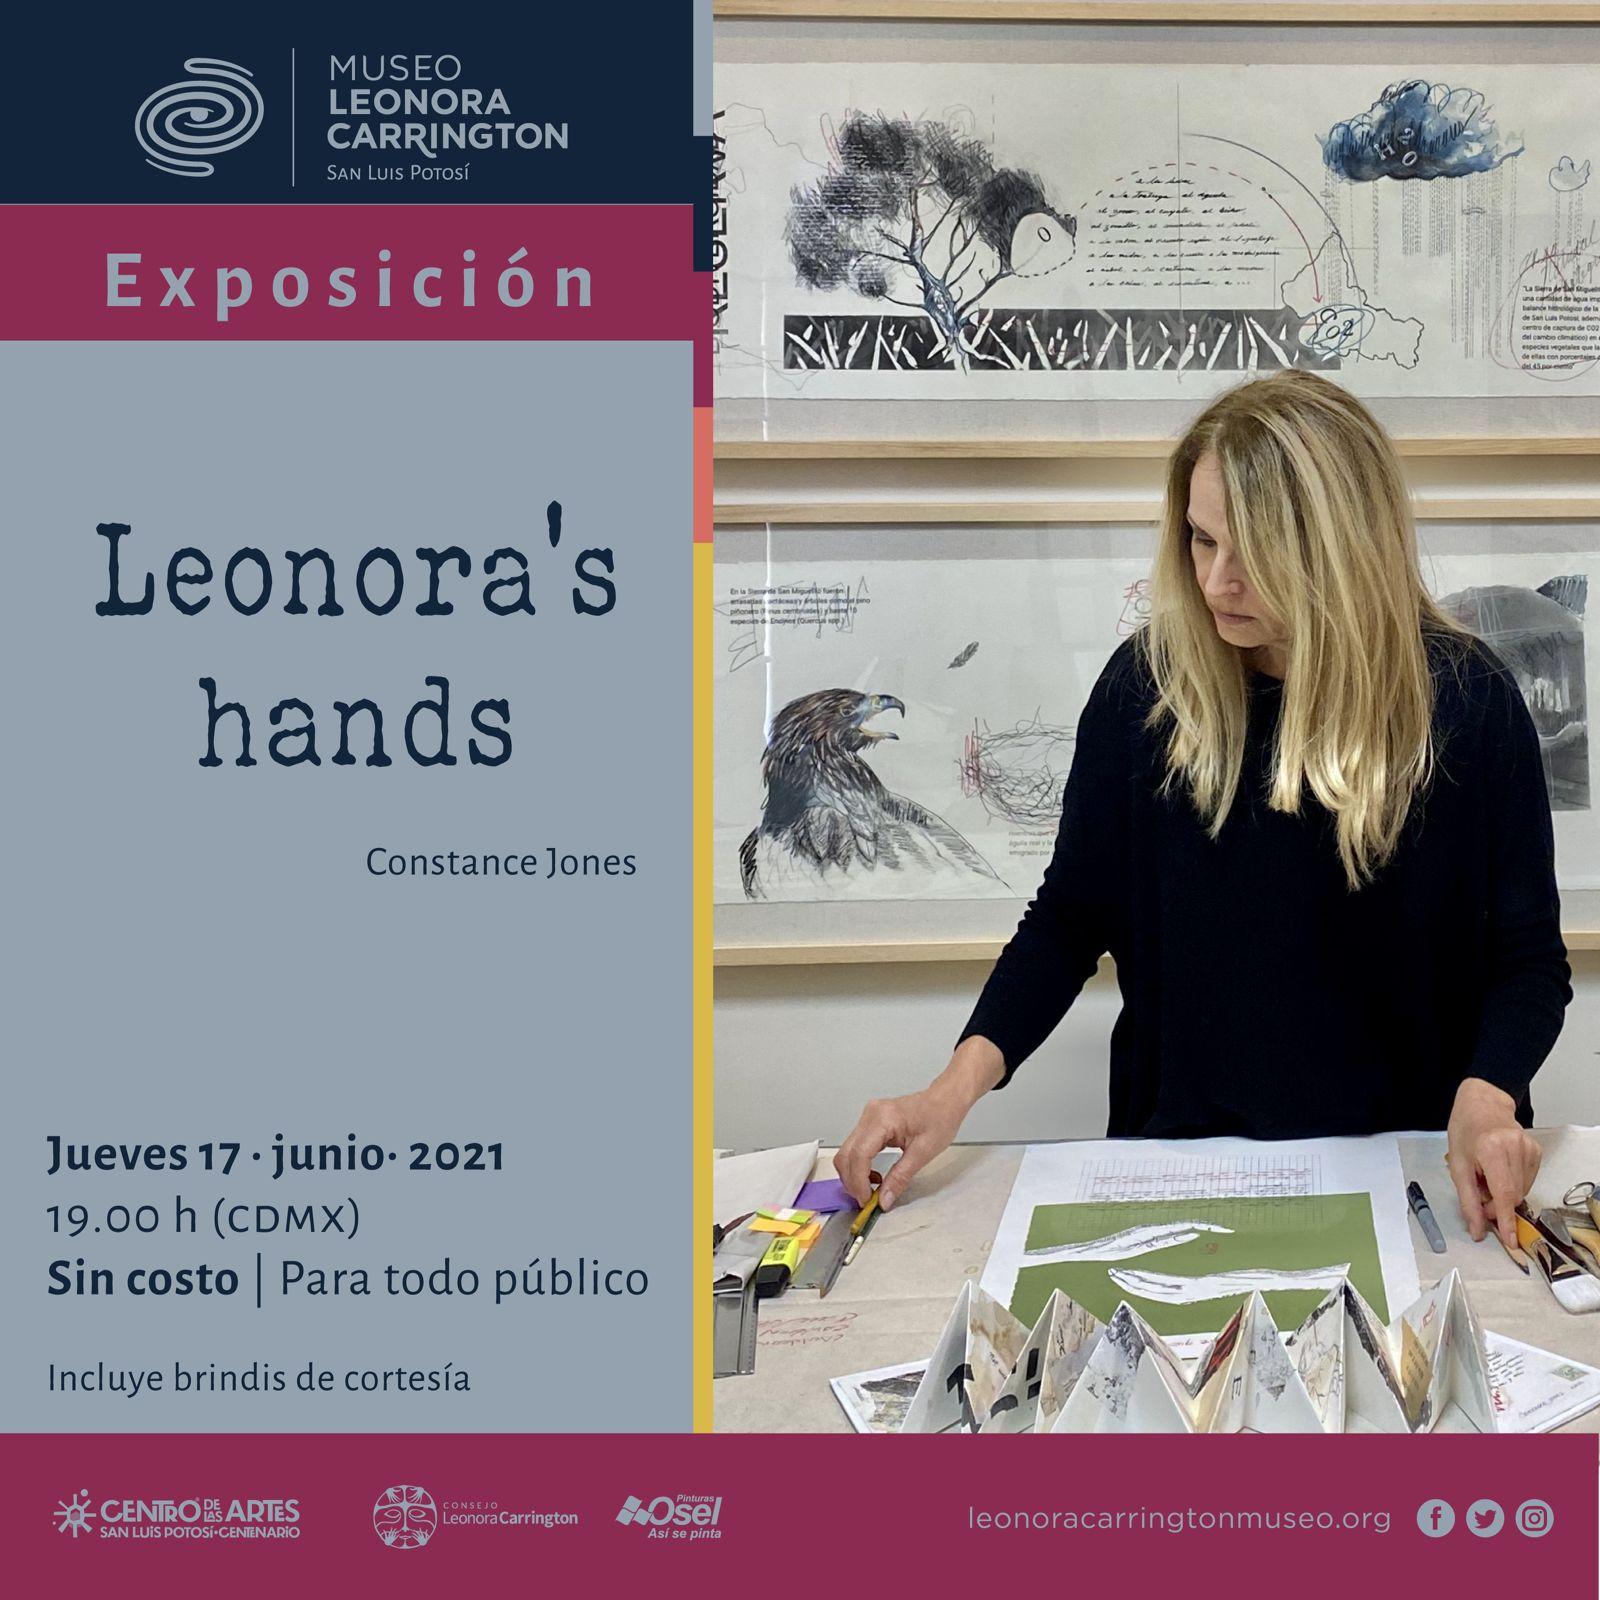 Inaugurarán exposiciones en el Museo Leonora Carrington SLP